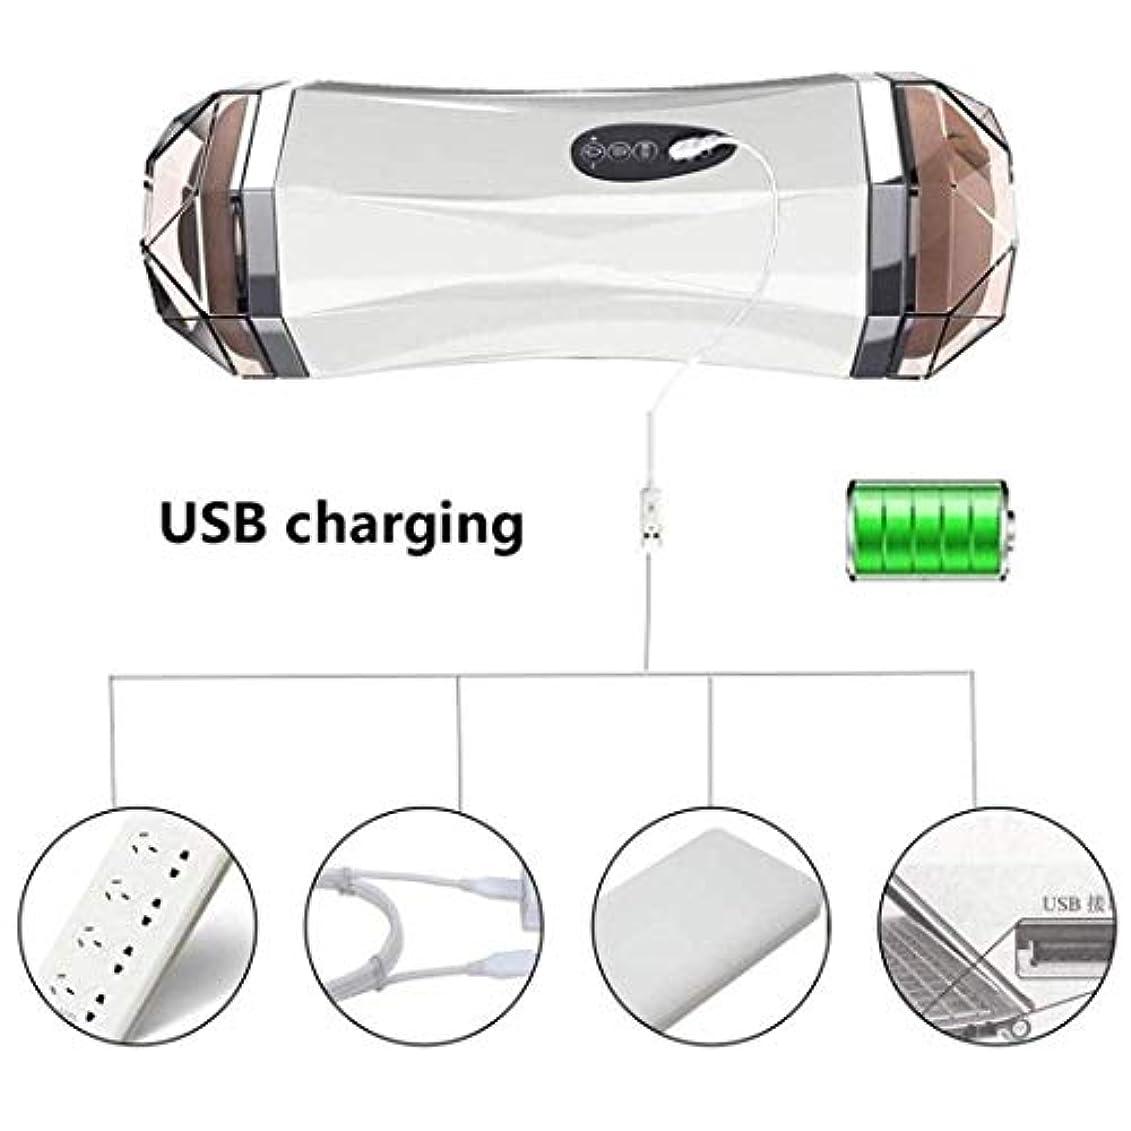 今絶滅したなのでMCAZMSG USB Rechargable Handheld Body Massager for Pain Relief and Muscle Relaxation、Promo、Blood Circulation Massager